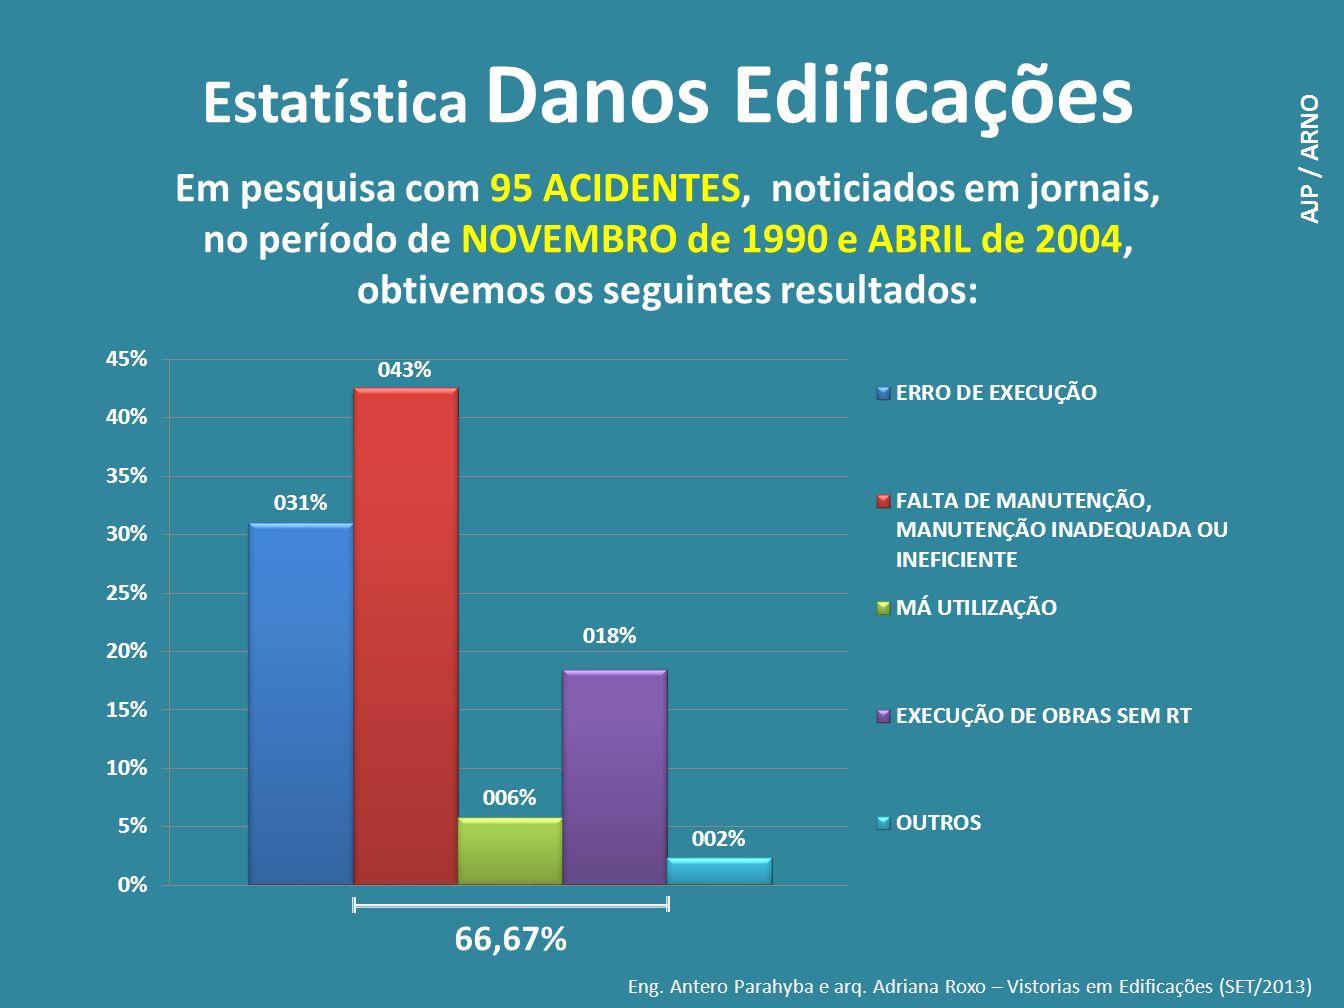 Estatística Danos Edificações